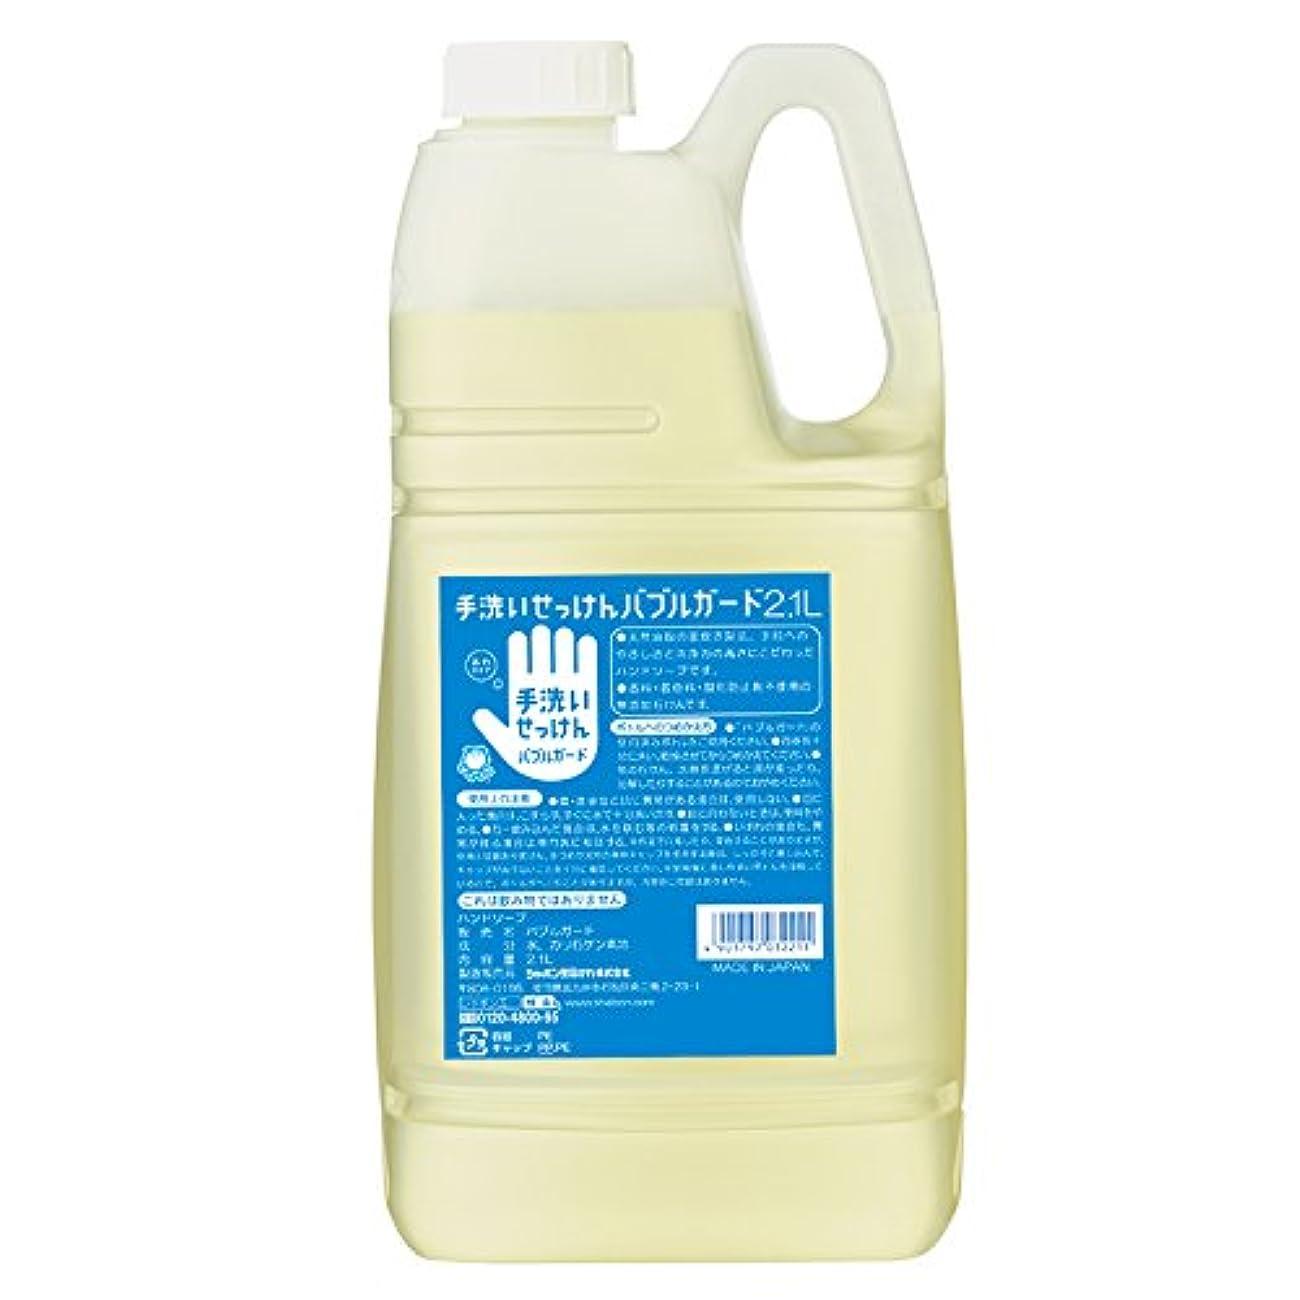 しおれた考え修理工シャボン玉石けん 手洗いせっけん?ハンドソープ バブルガード 2.1L